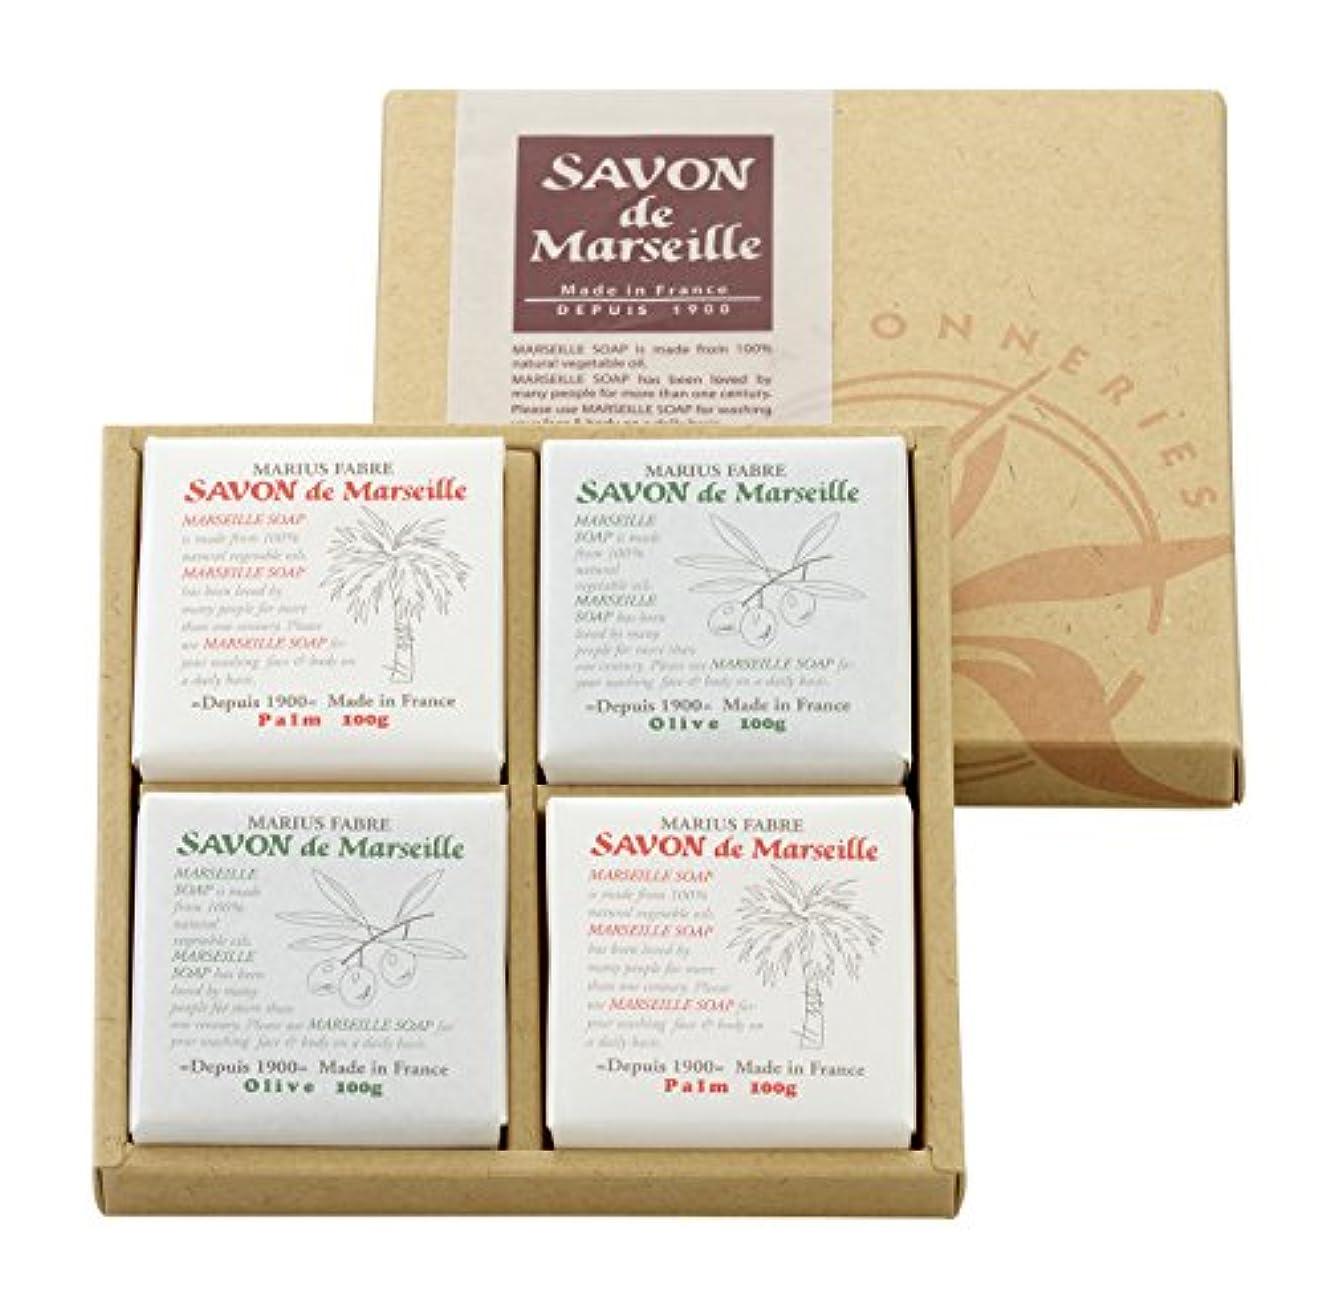 シェトランド諸島別々に叙情的なサボンドマルセイユ無香料ギフトセット4個入り